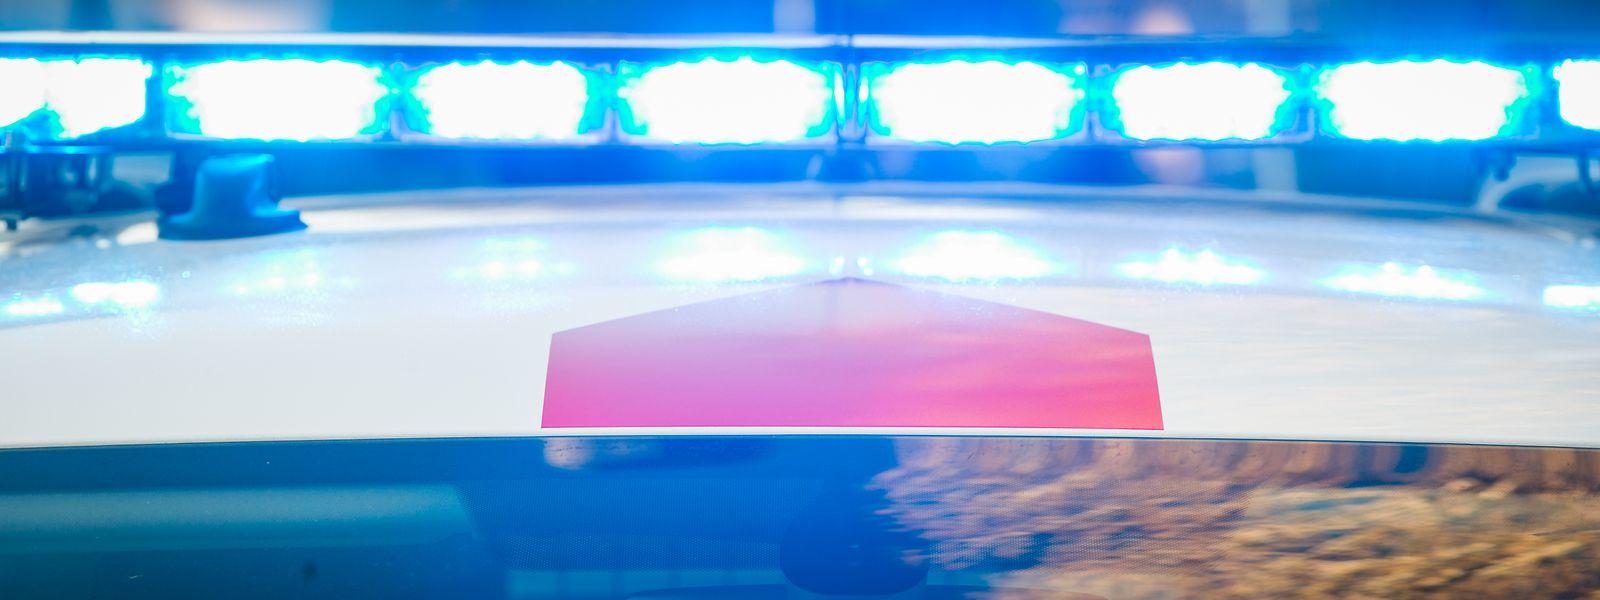 Einige der gefährlichen Aktionen der Autofahrer ließ die Polizei in der Nacht auf Samstag staunen.